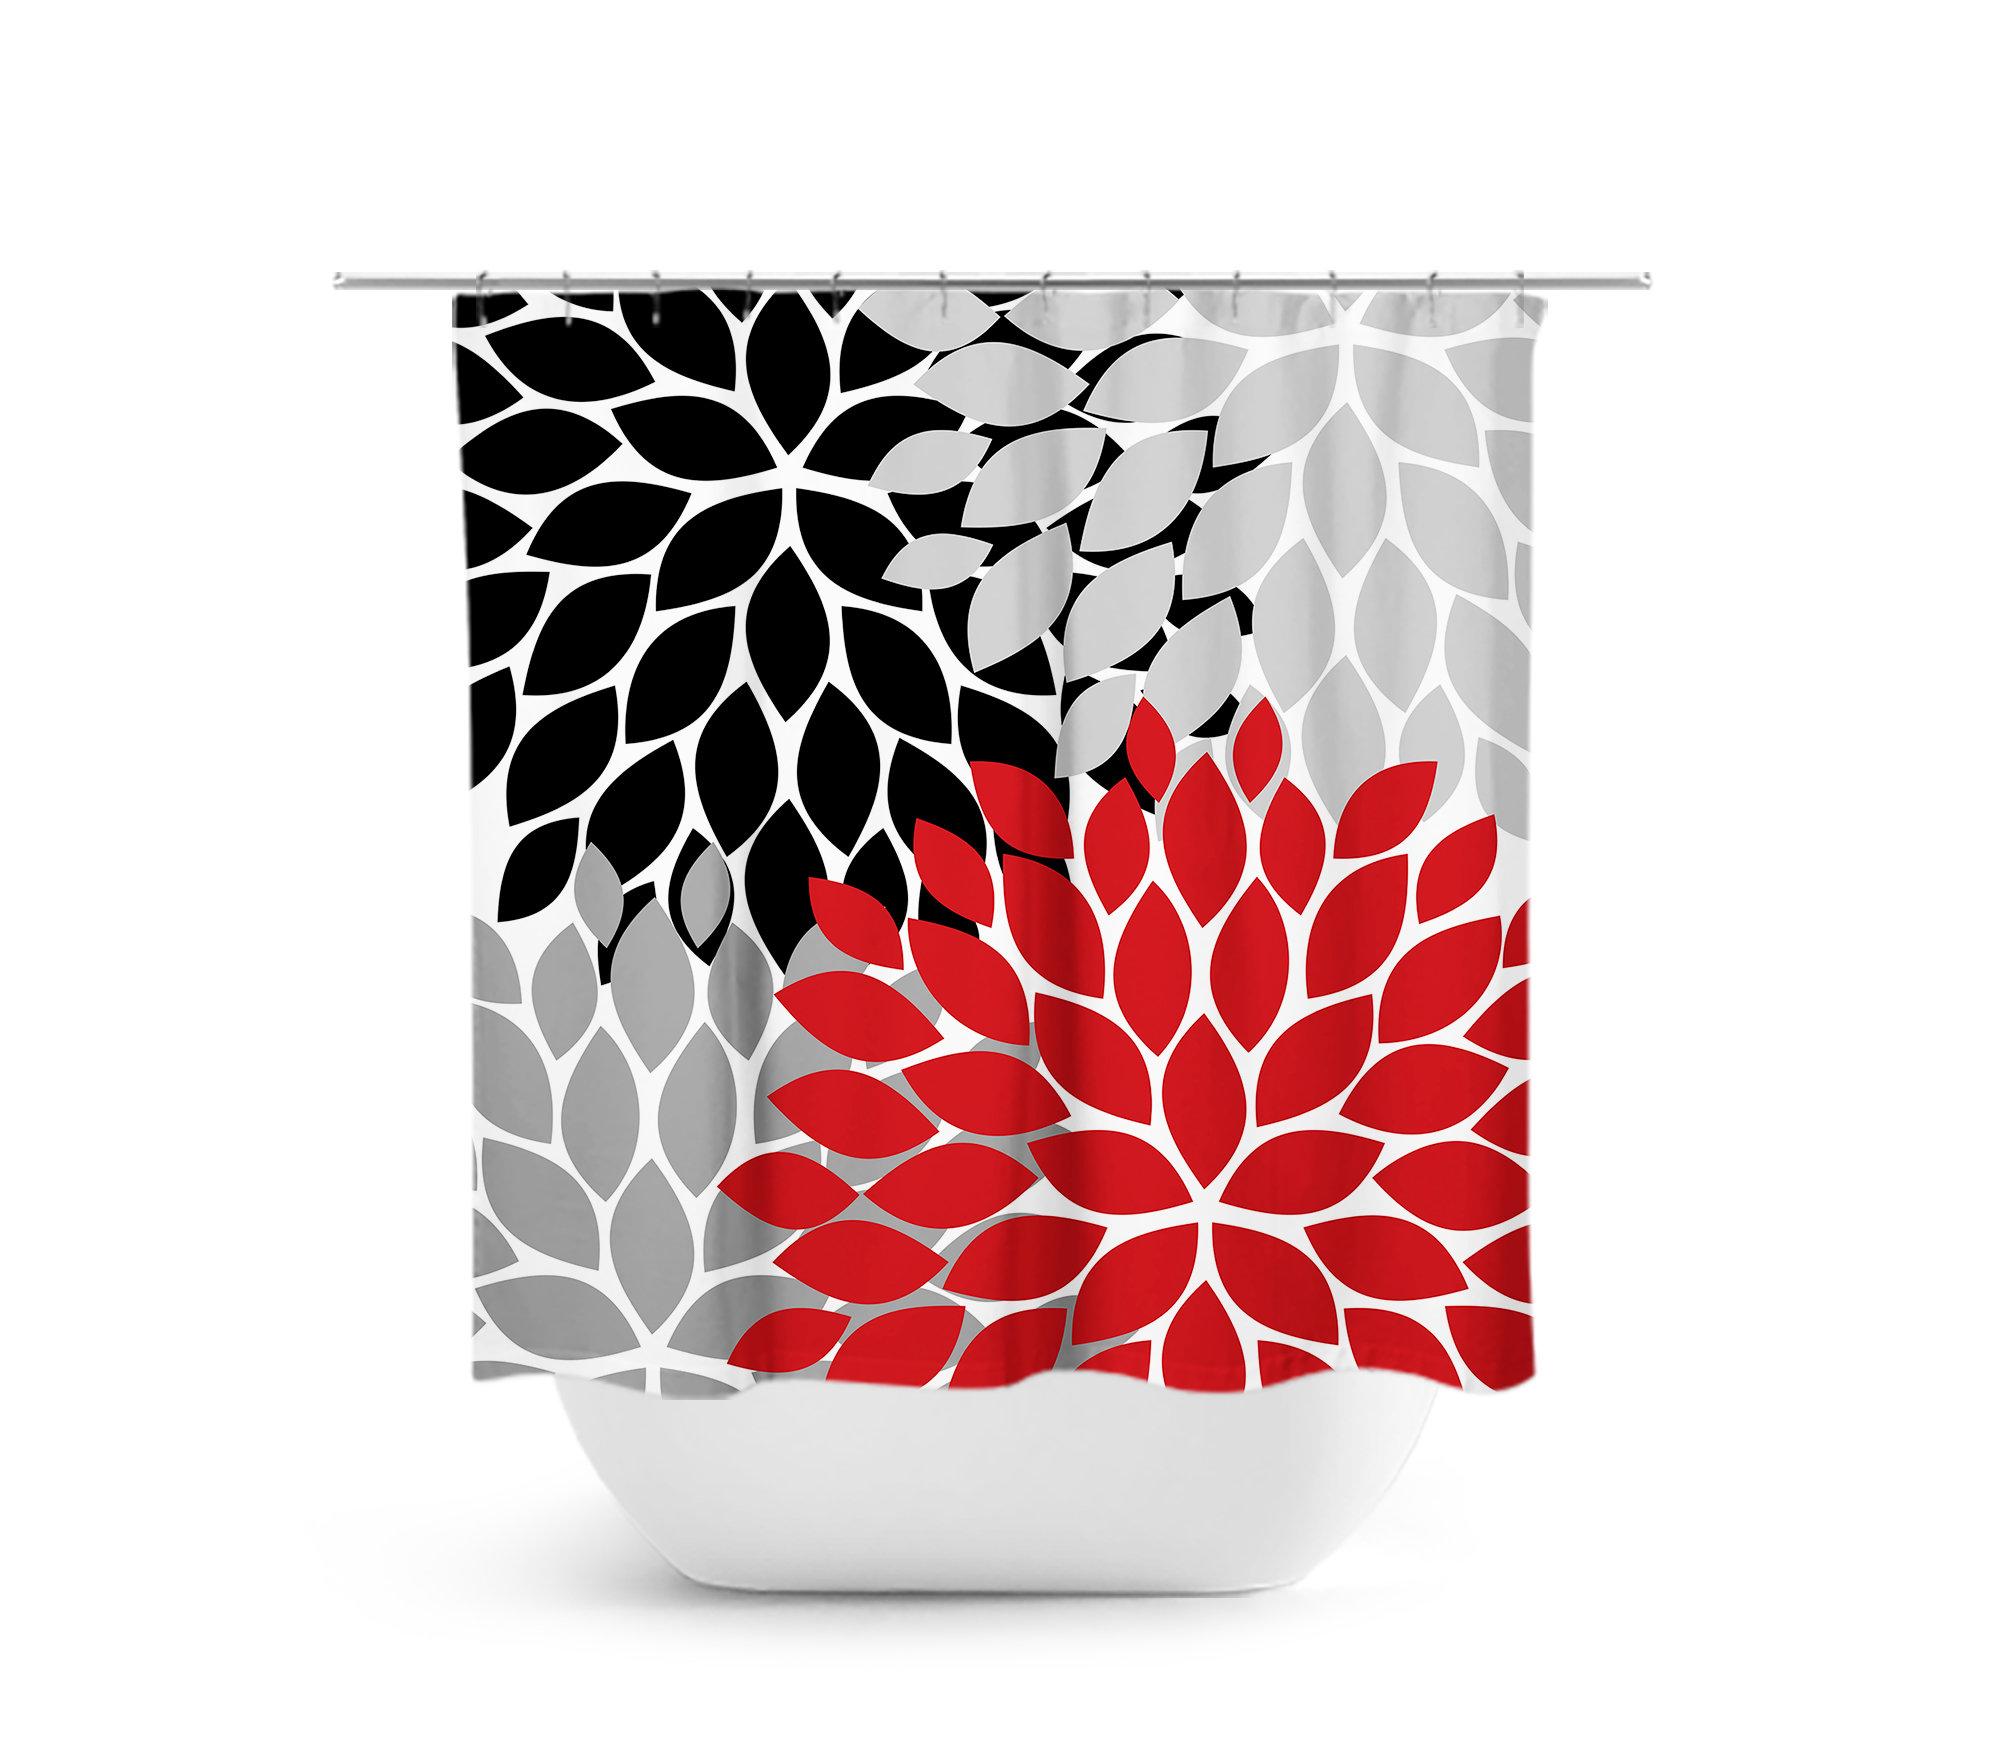 Red Black Shower Curtain Floral Custom Bathtub Bathroom Decor Modern Gray